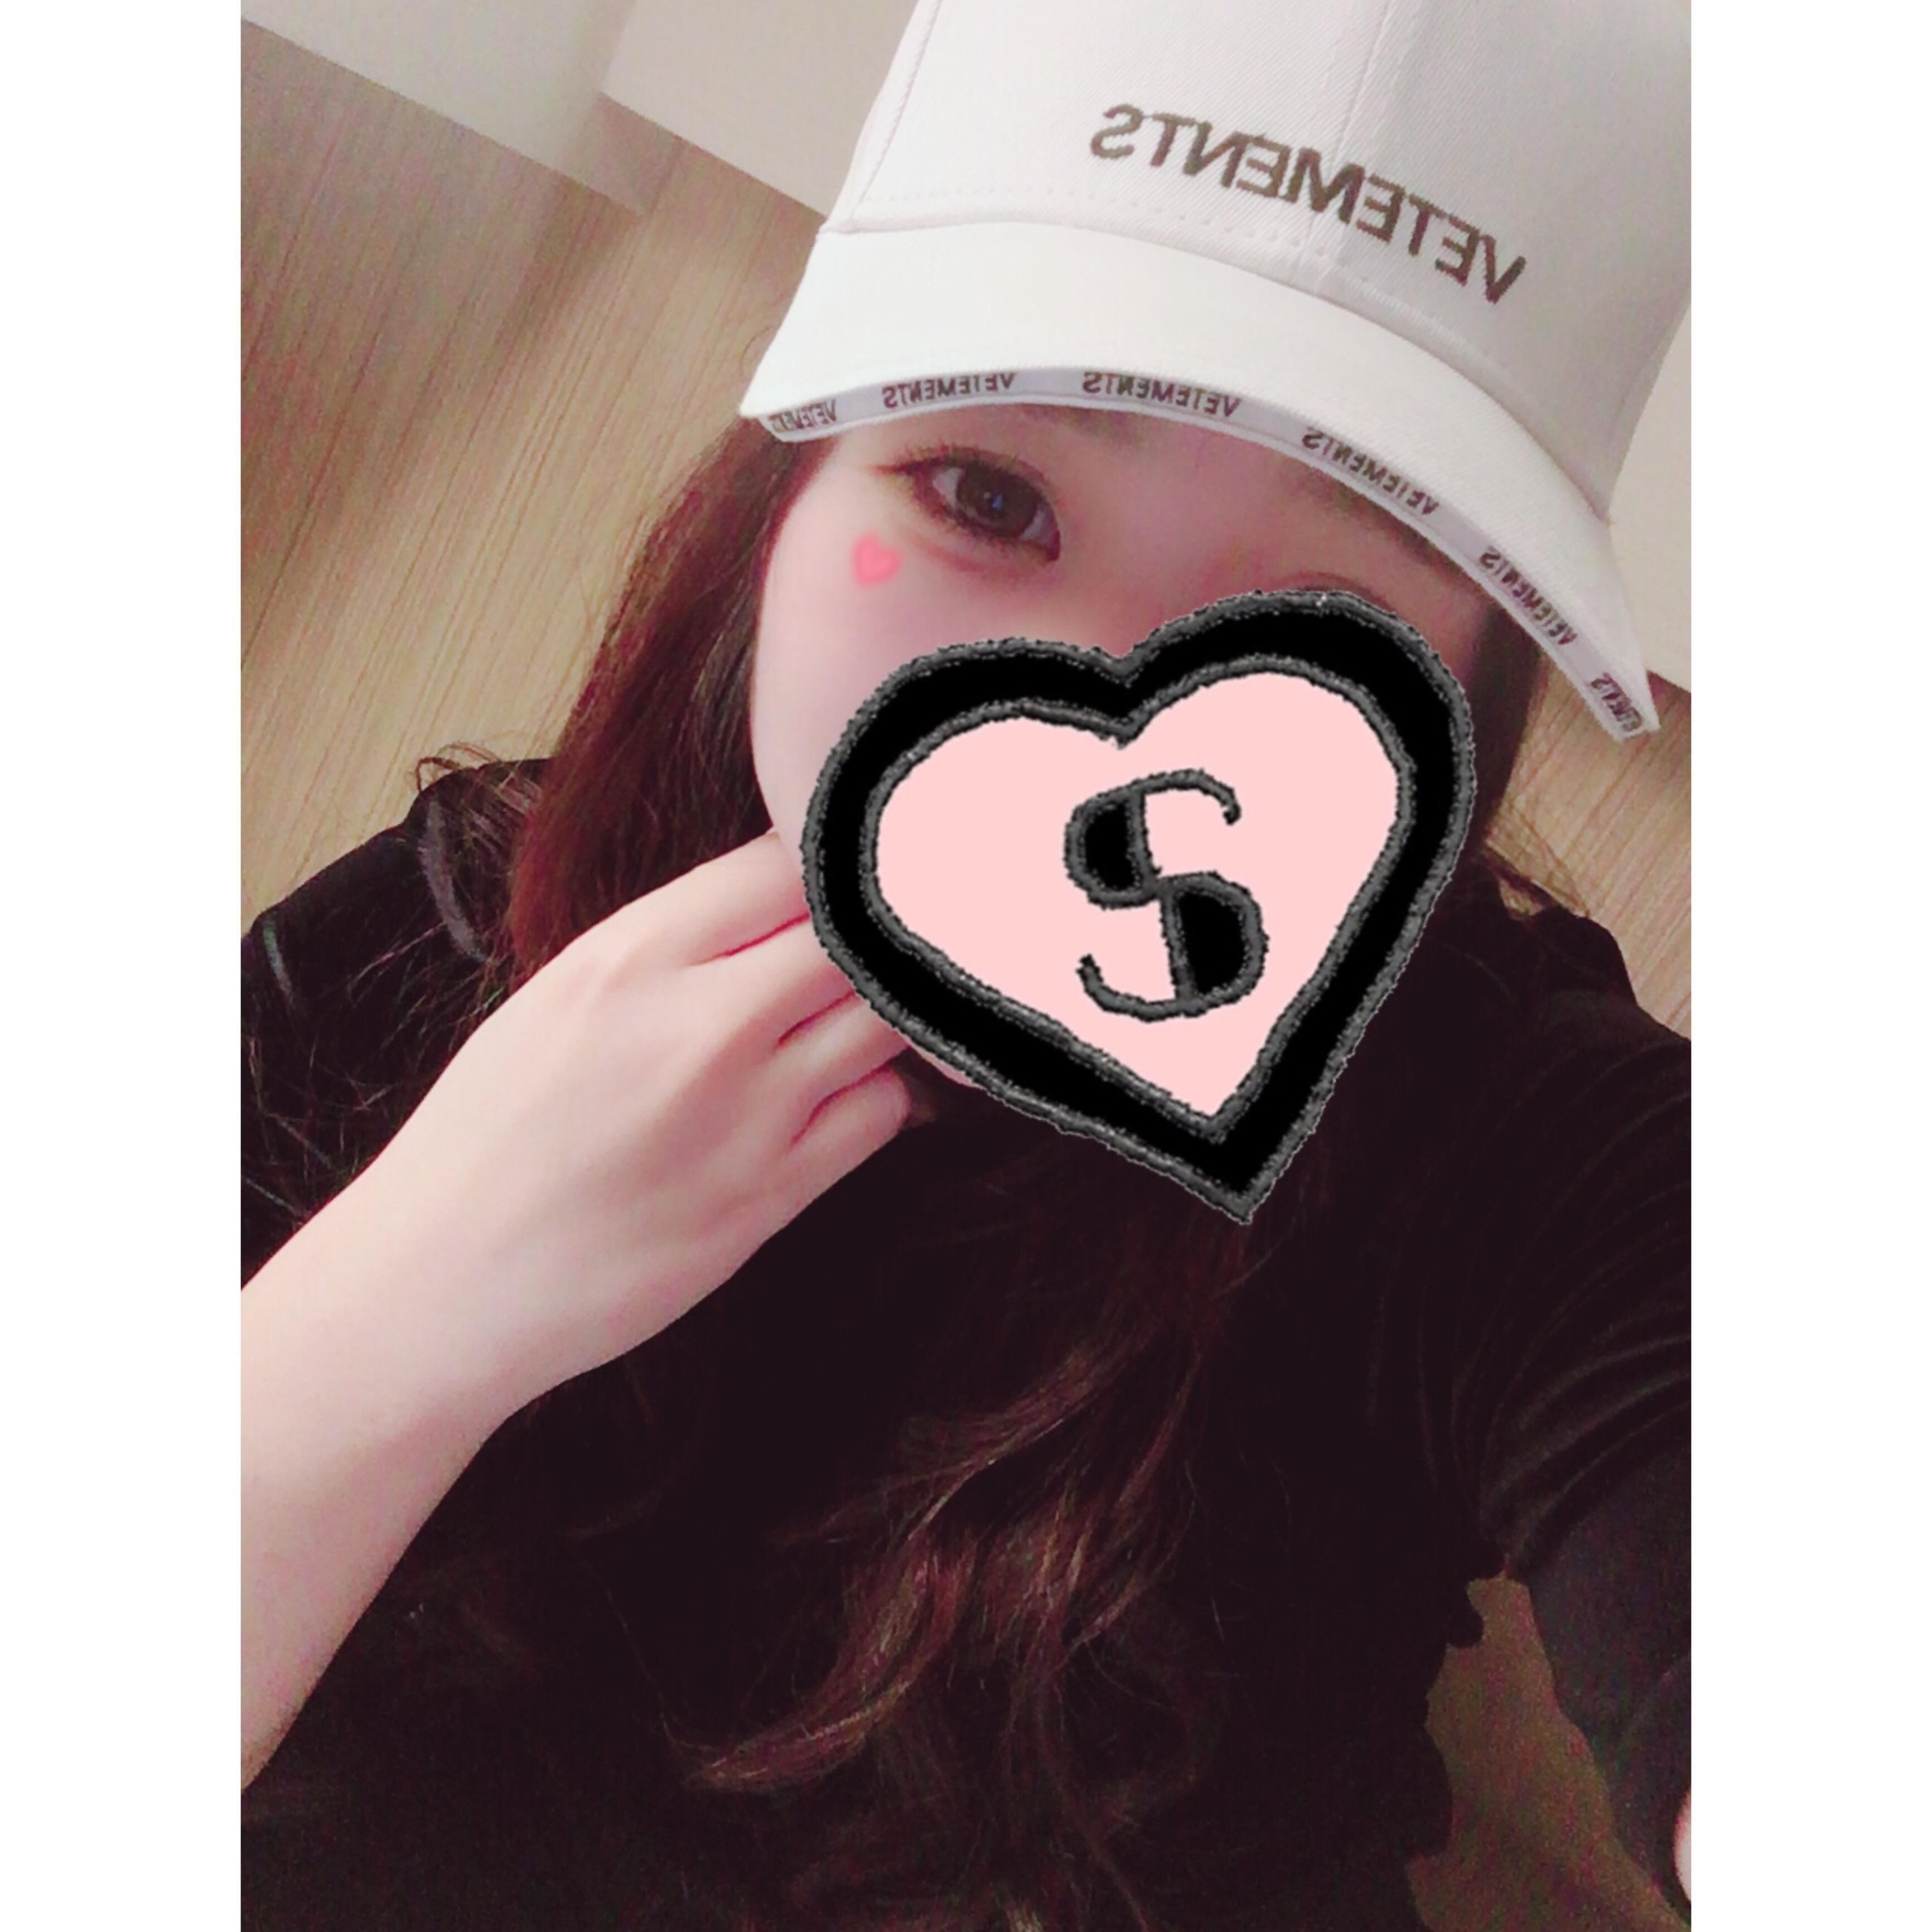 える「♡」11/15(木) 19:01 | えるの写メ・風俗動画